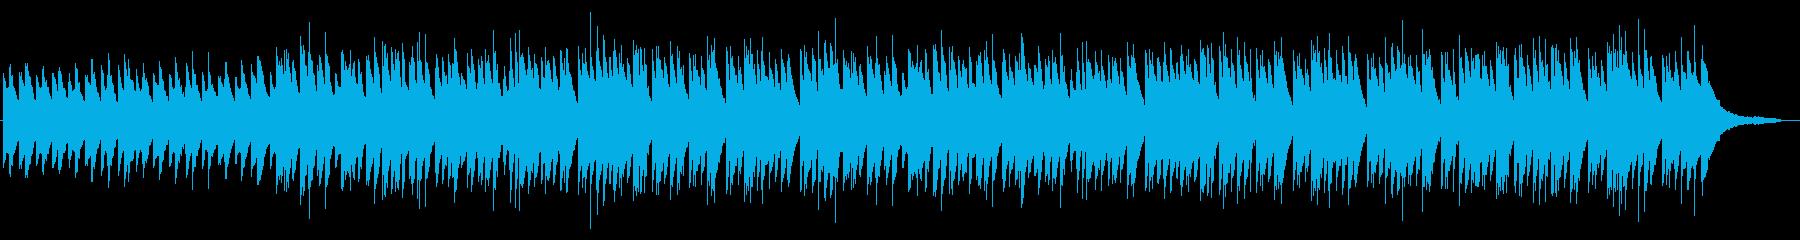 夜をイメージしたゆったりしたピアノ曲の再生済みの波形